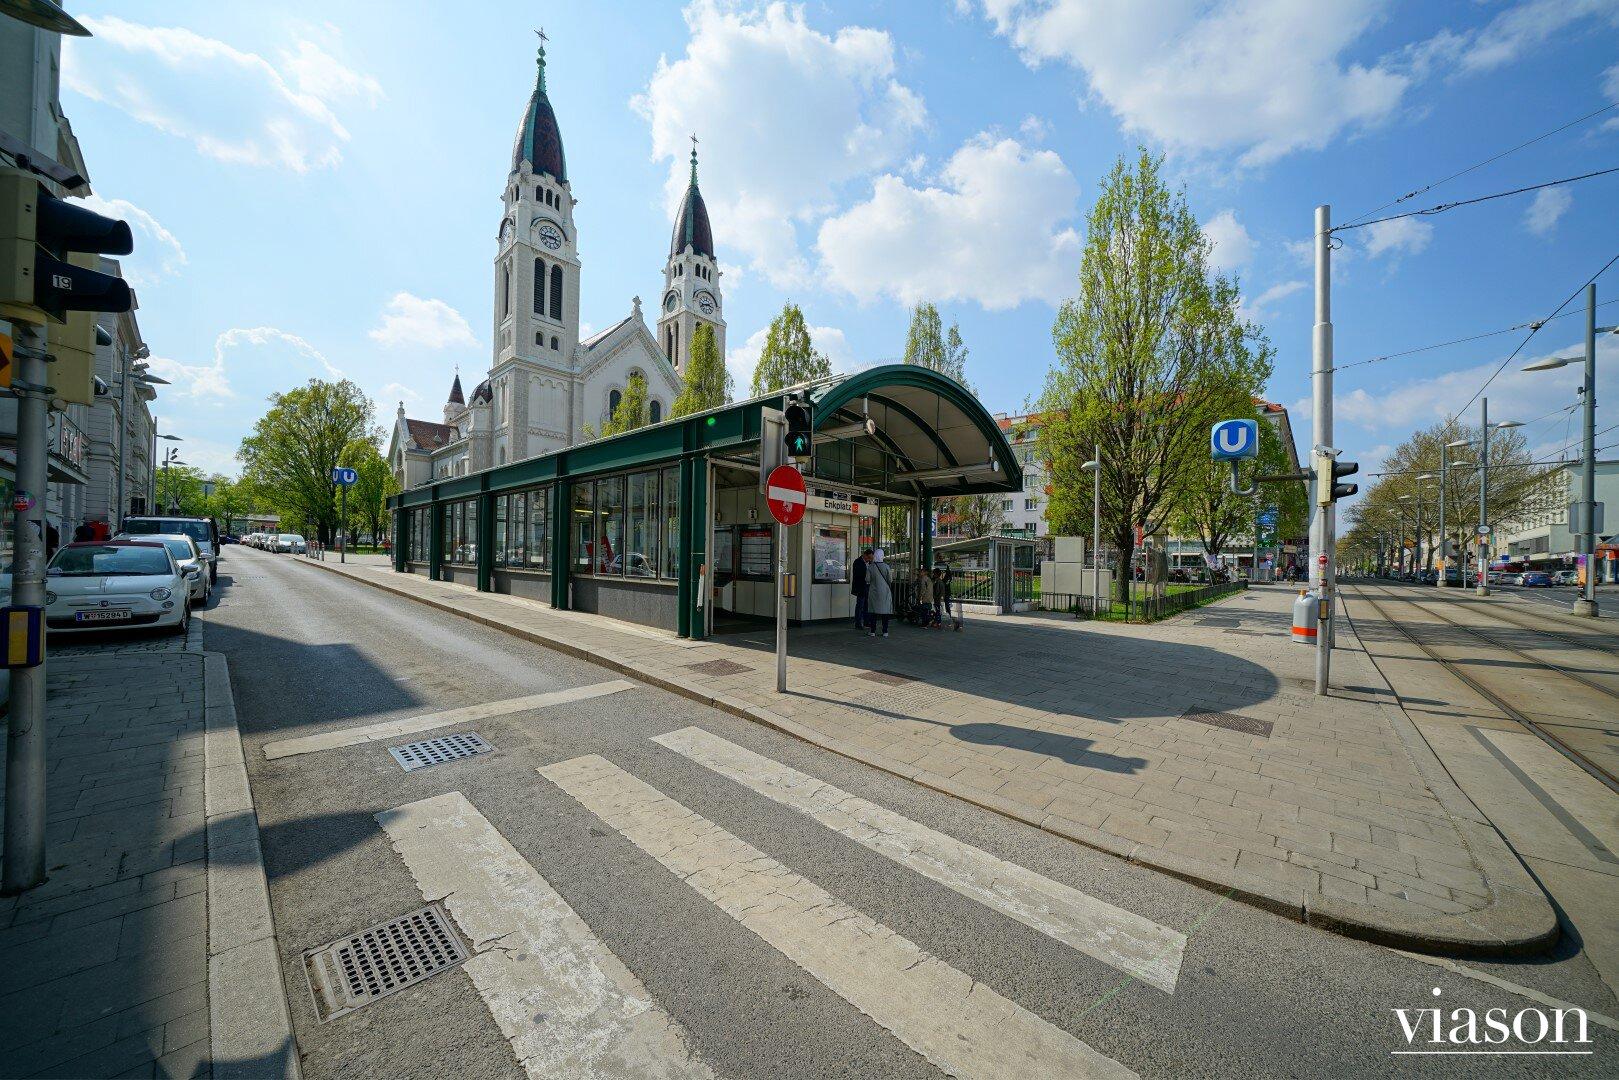 Nahe Enkplatz